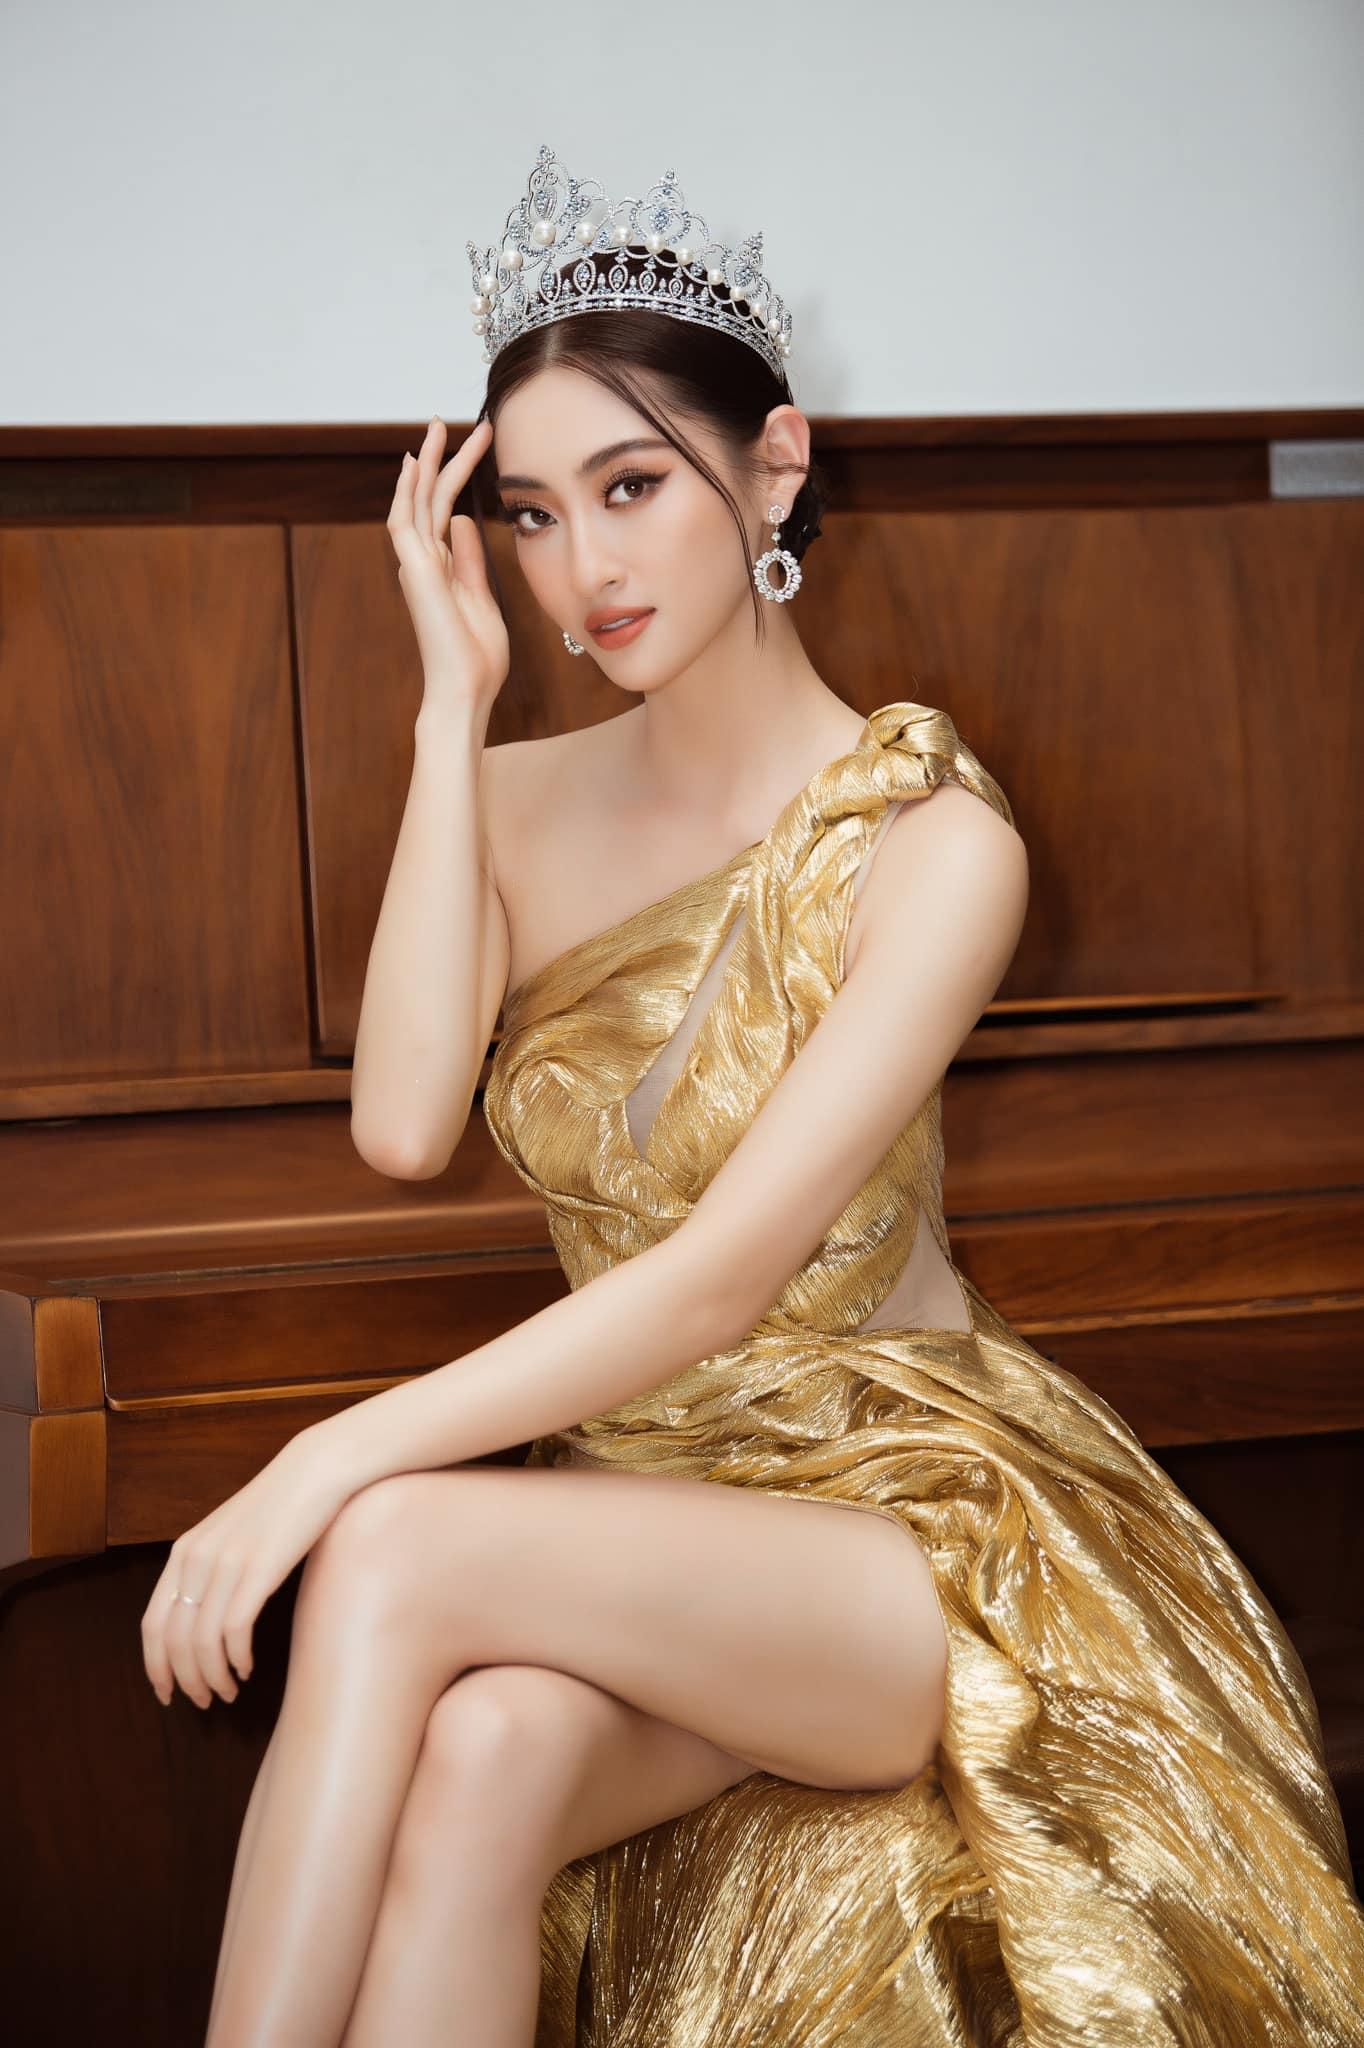 H'Hen Niê, Lương Thùy Linh và dàn sao Việt so kè nhan sắc đẹp 'bất bại' trong trang phục dạ hội 5